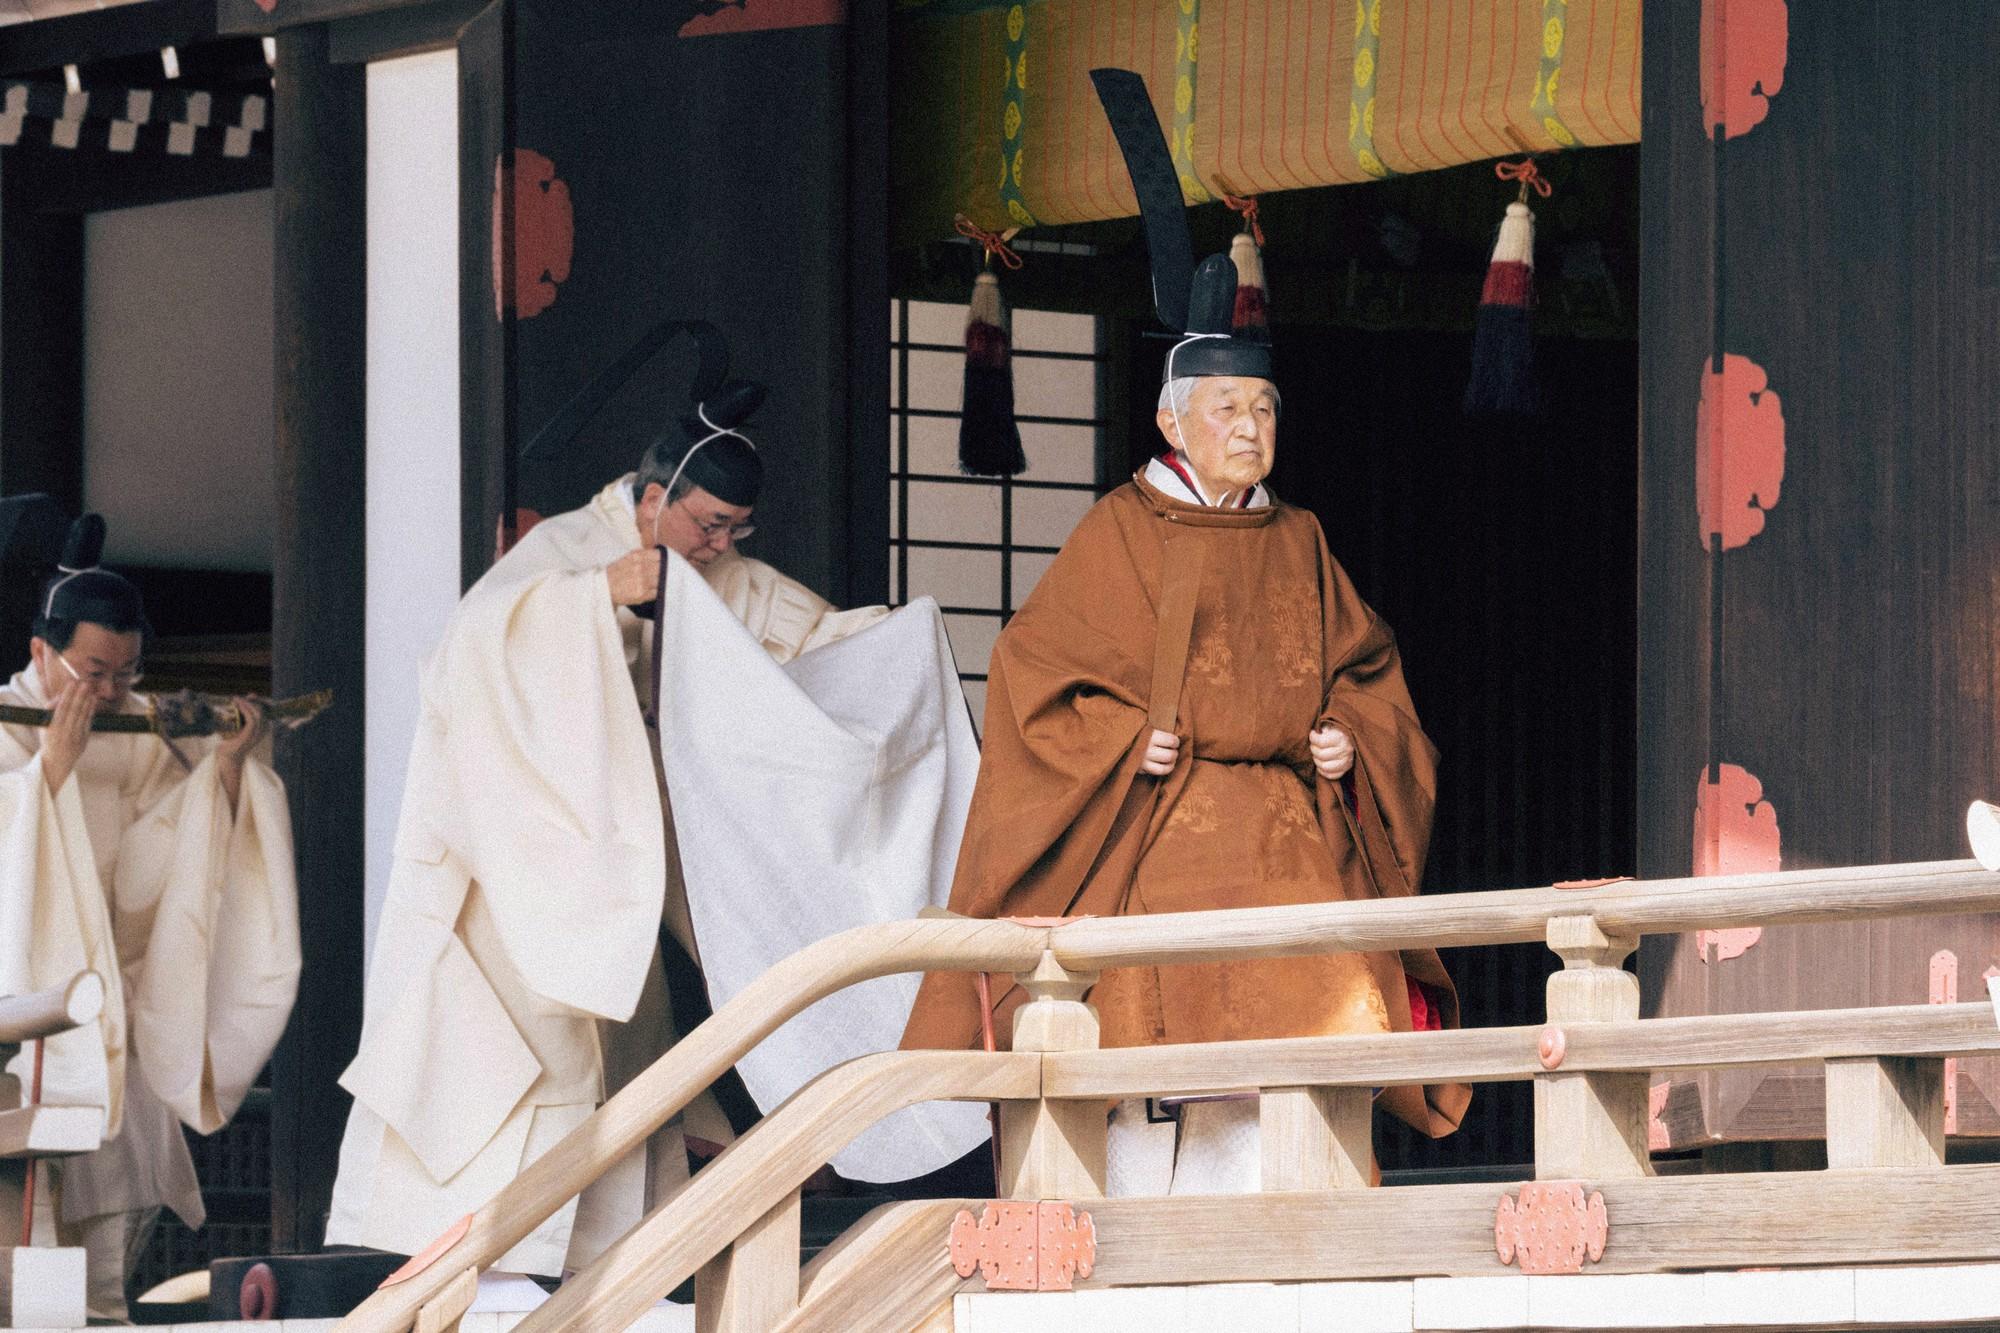 Akihito: Vị Thiên hoàng quỳ gối trước dân và bài phát biểu nhạy cảm bị nhà đài ngang nhiên cắt gọt - Ảnh 2.